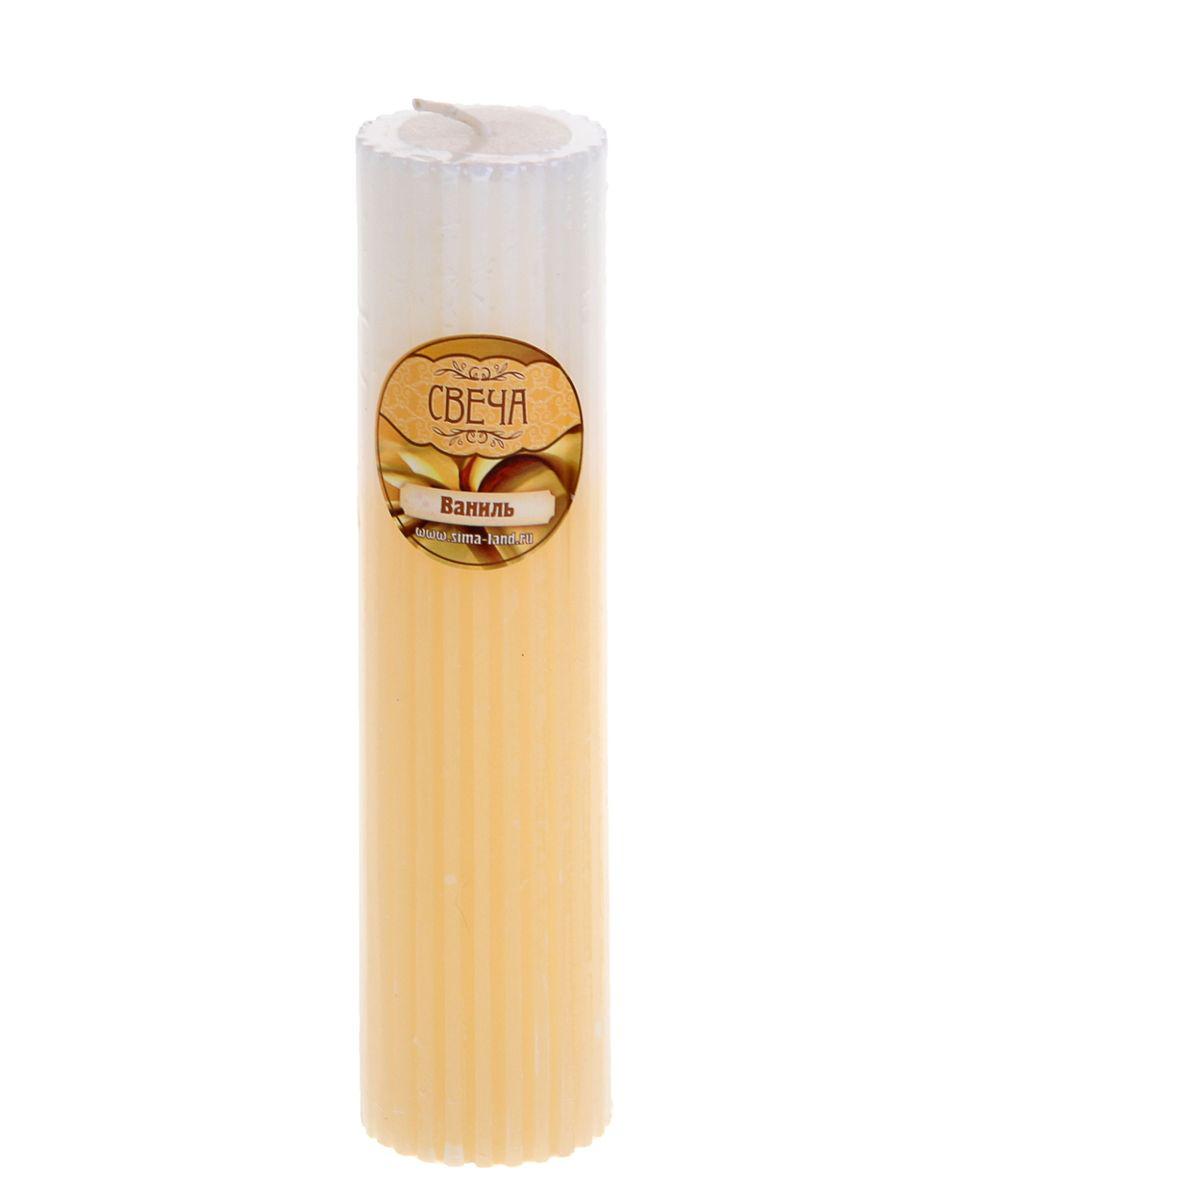 Свеча ароматизированная Sima-land Ваниль, высота 15 см849511Свеча Sima-land Ваниль выполнена из воска и оформлена резным рельефом. Свеча порадует ярким дизайном и ароматным запахом ванили, который понравится как женщинам, так и мужчинам. Создайте для себя и своих близких незабываемую атмосферу праздника в доме. Ароматическая свеча Sima-land Ваниль раскрасит серые будни яркими красками.